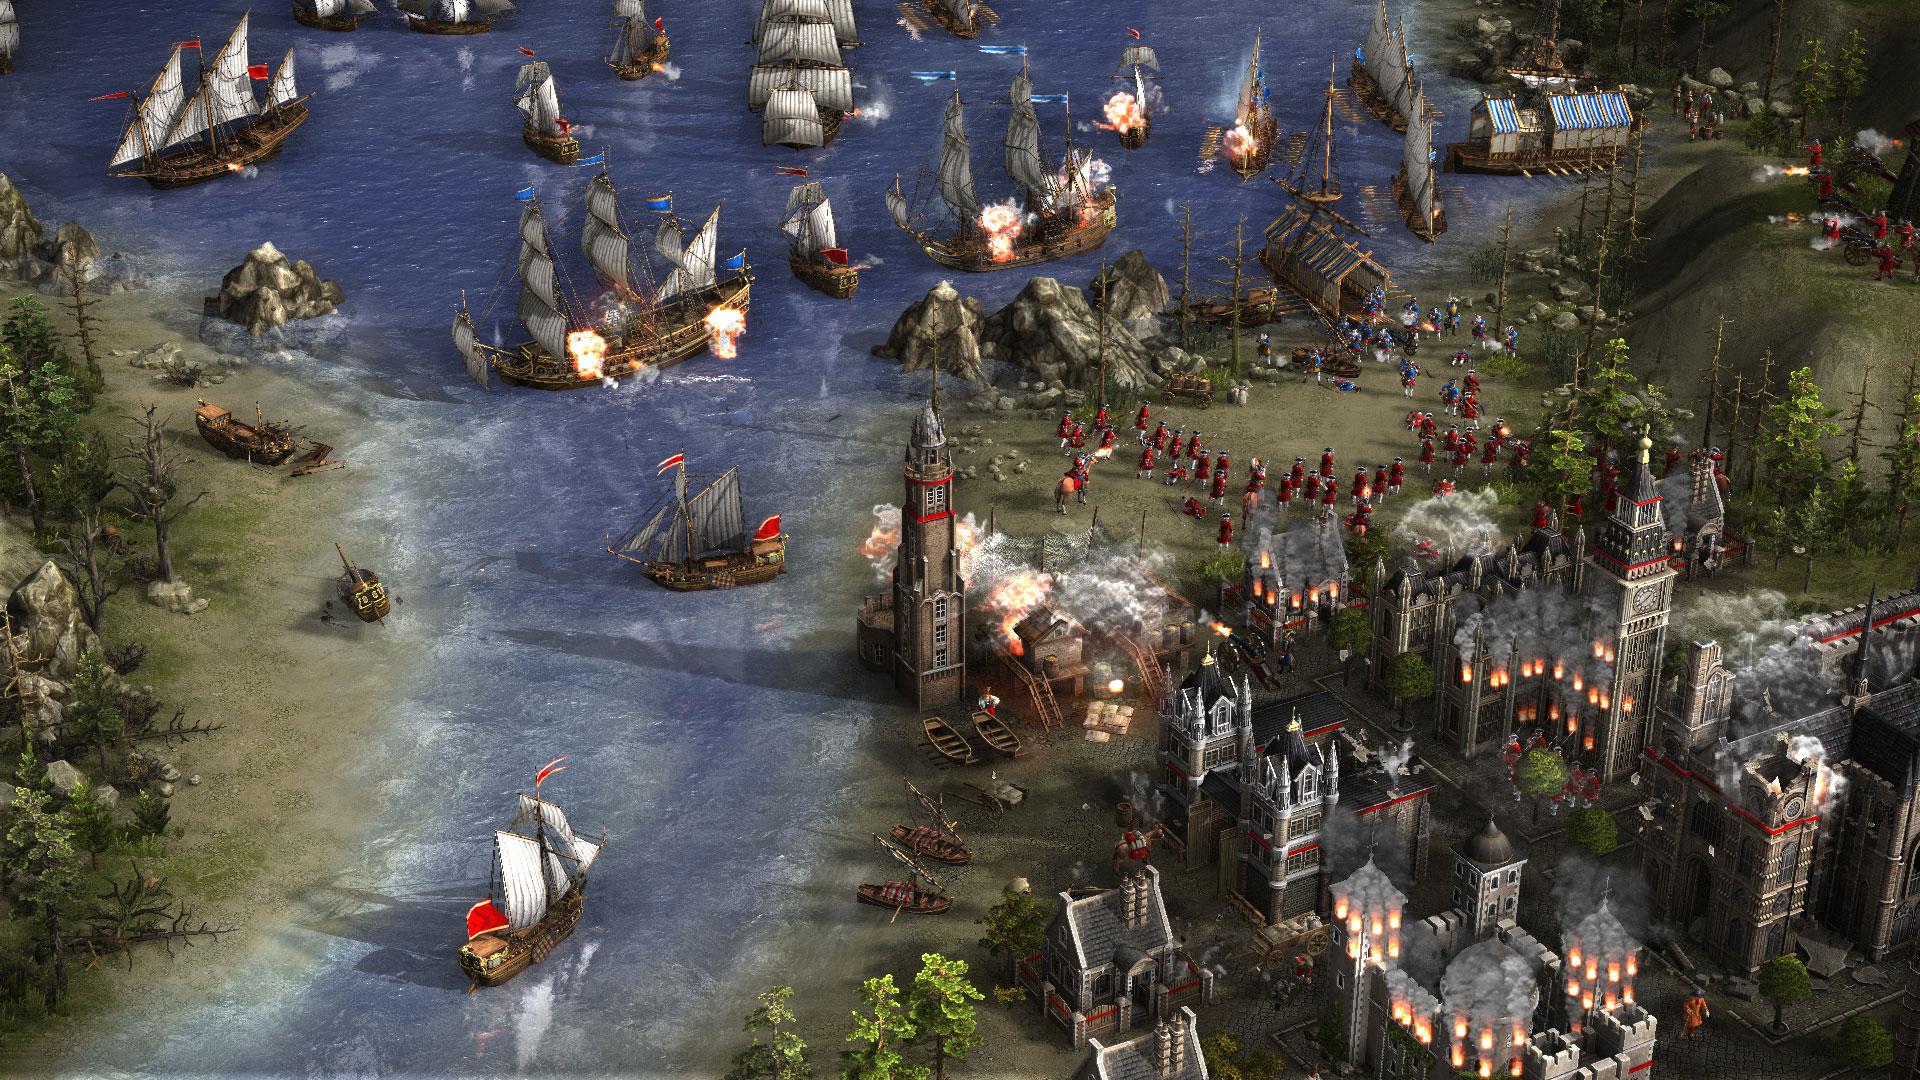 """Mit """"Cossacks 3"""" bringt Original-Entwickler GSC Gameworld ein Remake seines Echtzeit-Strategie-Erfolgs von 2001. Einmal mehr geht's ins Schlachten-gebeutelte Europa des 17. und 18. Jahrhunderts – mit zwölf Nationen und 70 Einheiten • ab 20.09. für PC"""